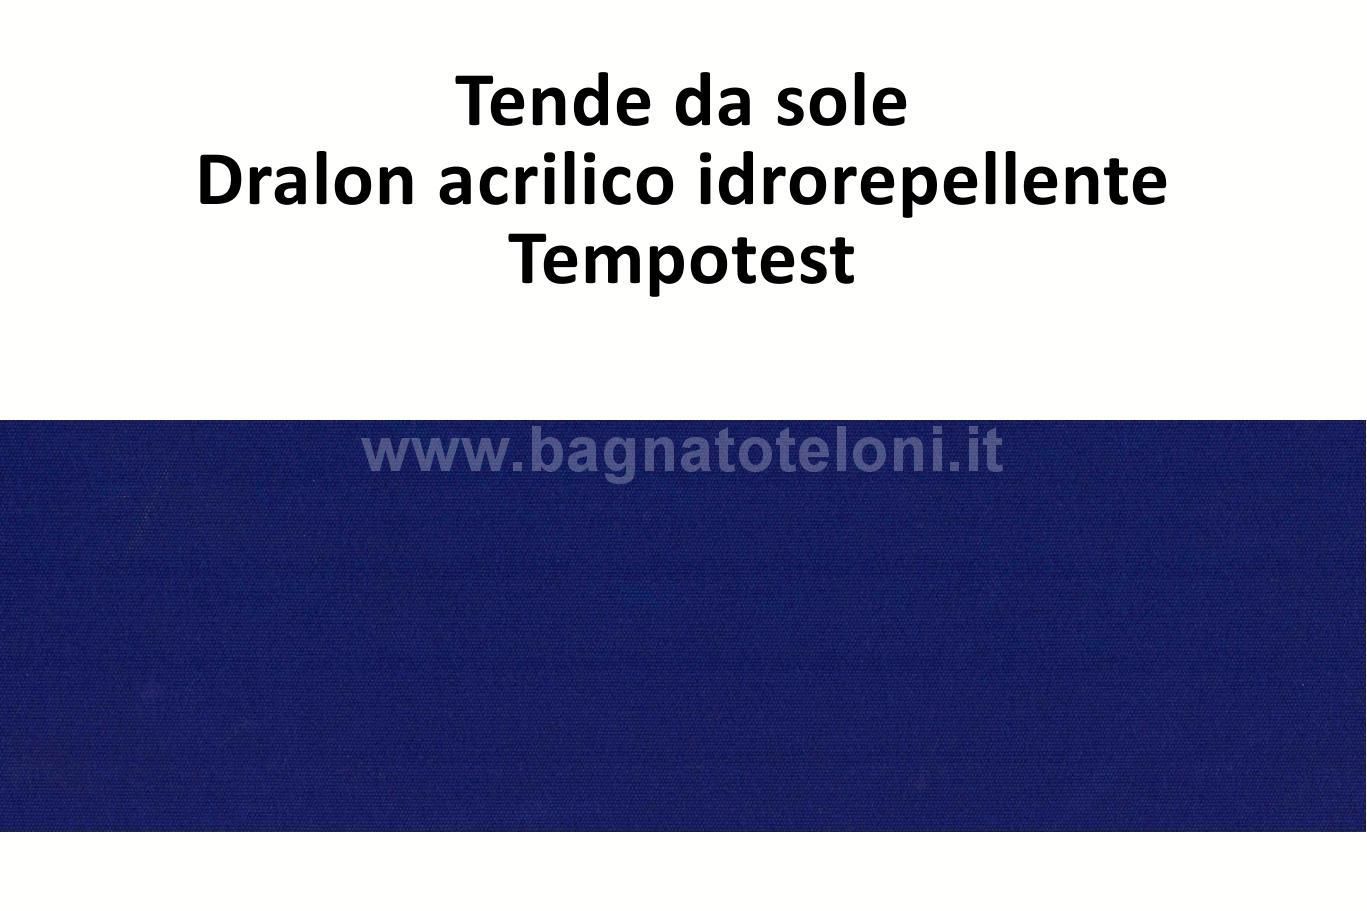 tende da sole dralon acrilico idrorepellente blu